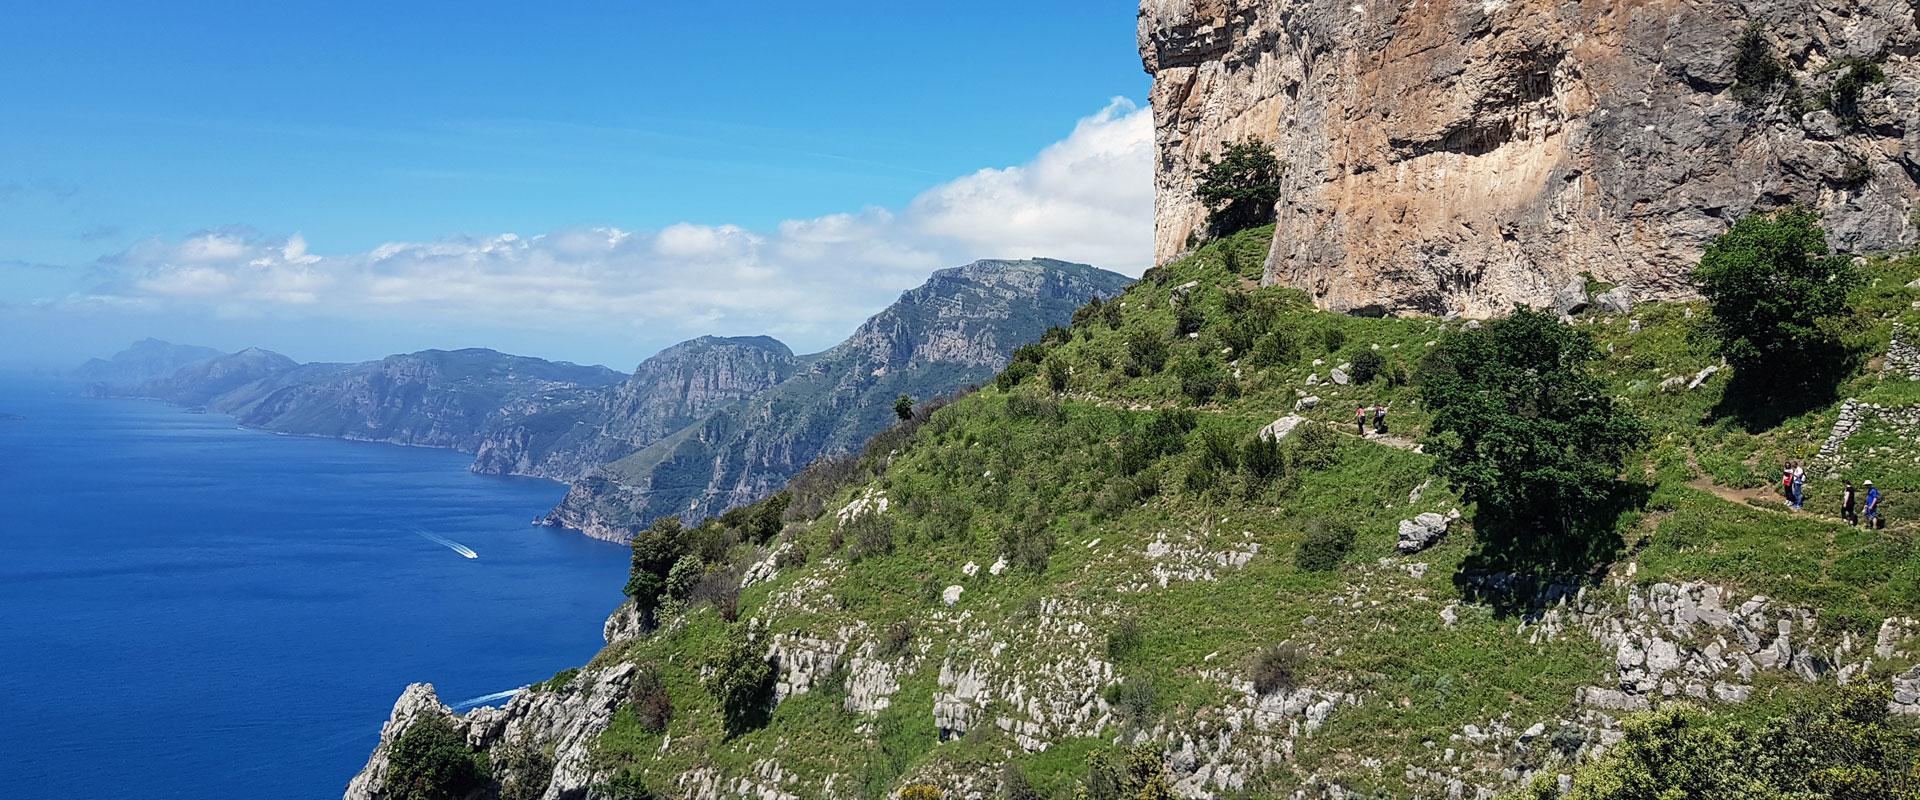 Amalfikysten og Capri